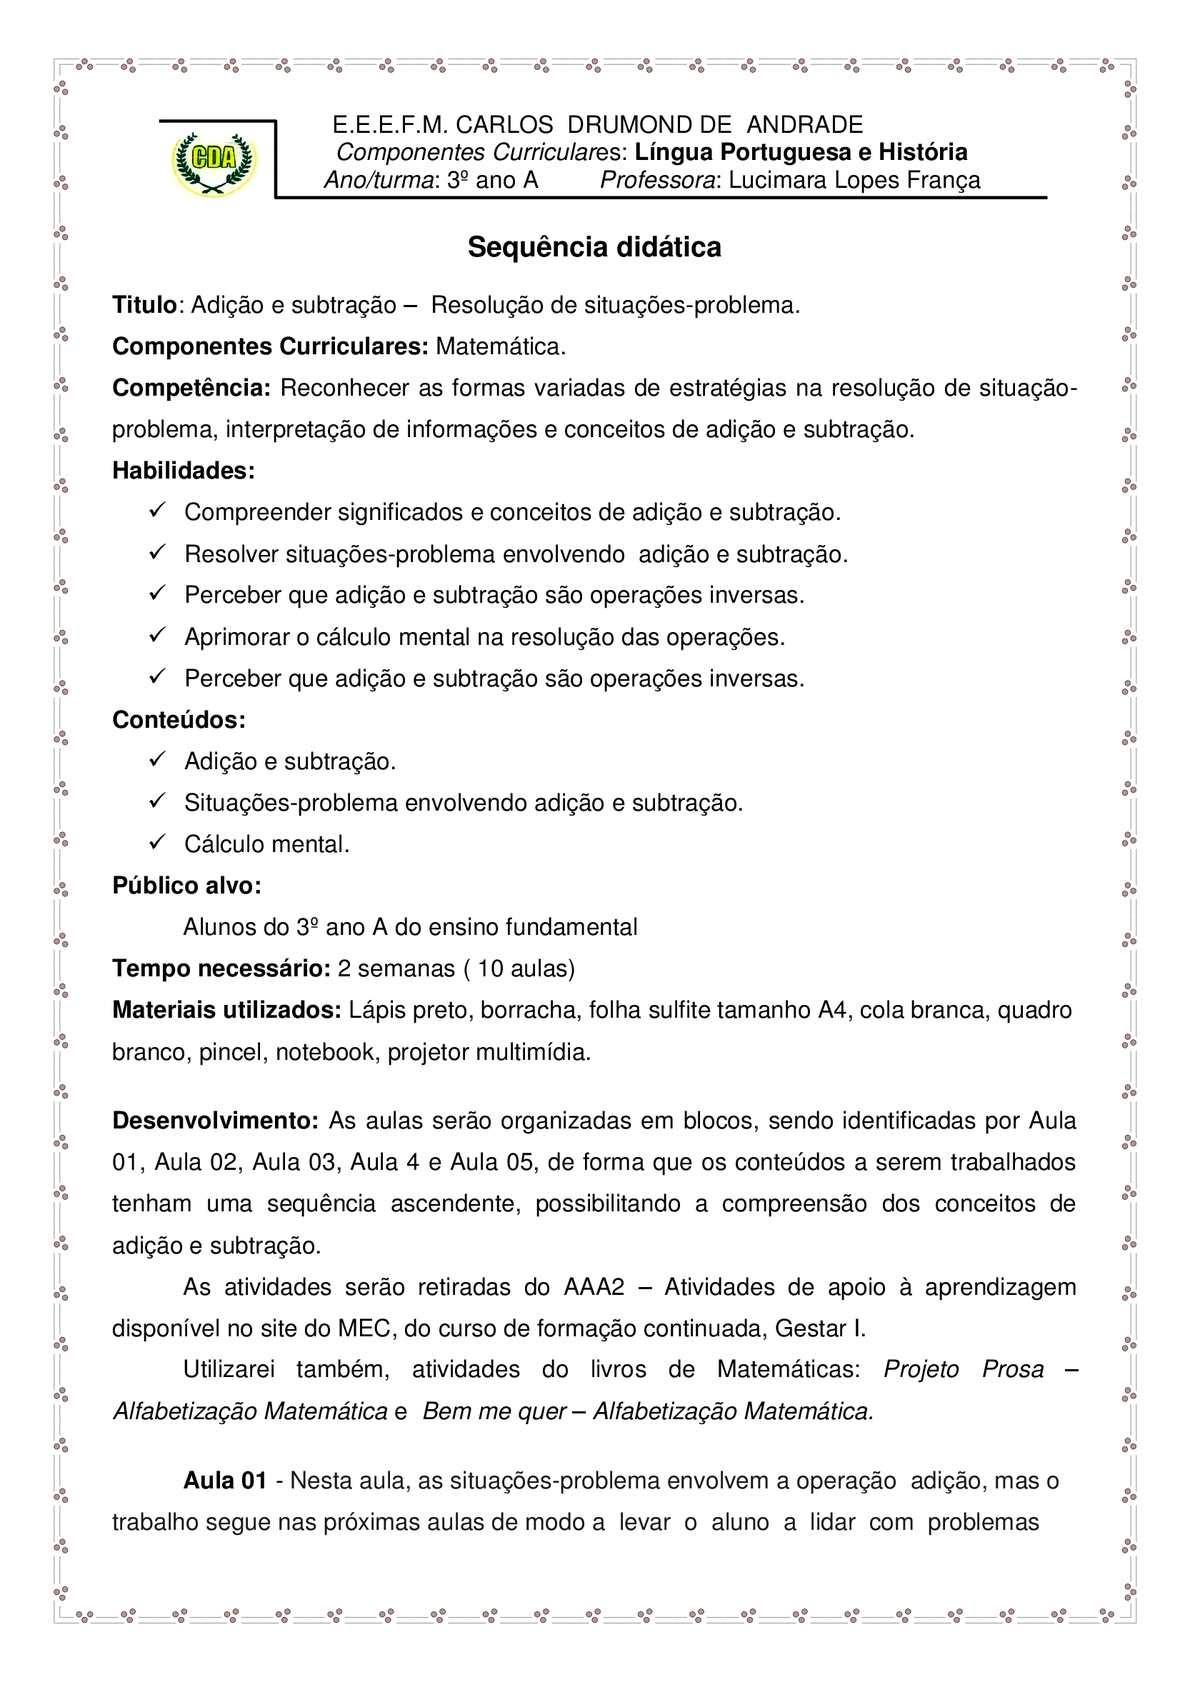 Adicao E Subtracao Resolucao De Situacoes Problema Calameo Downloader